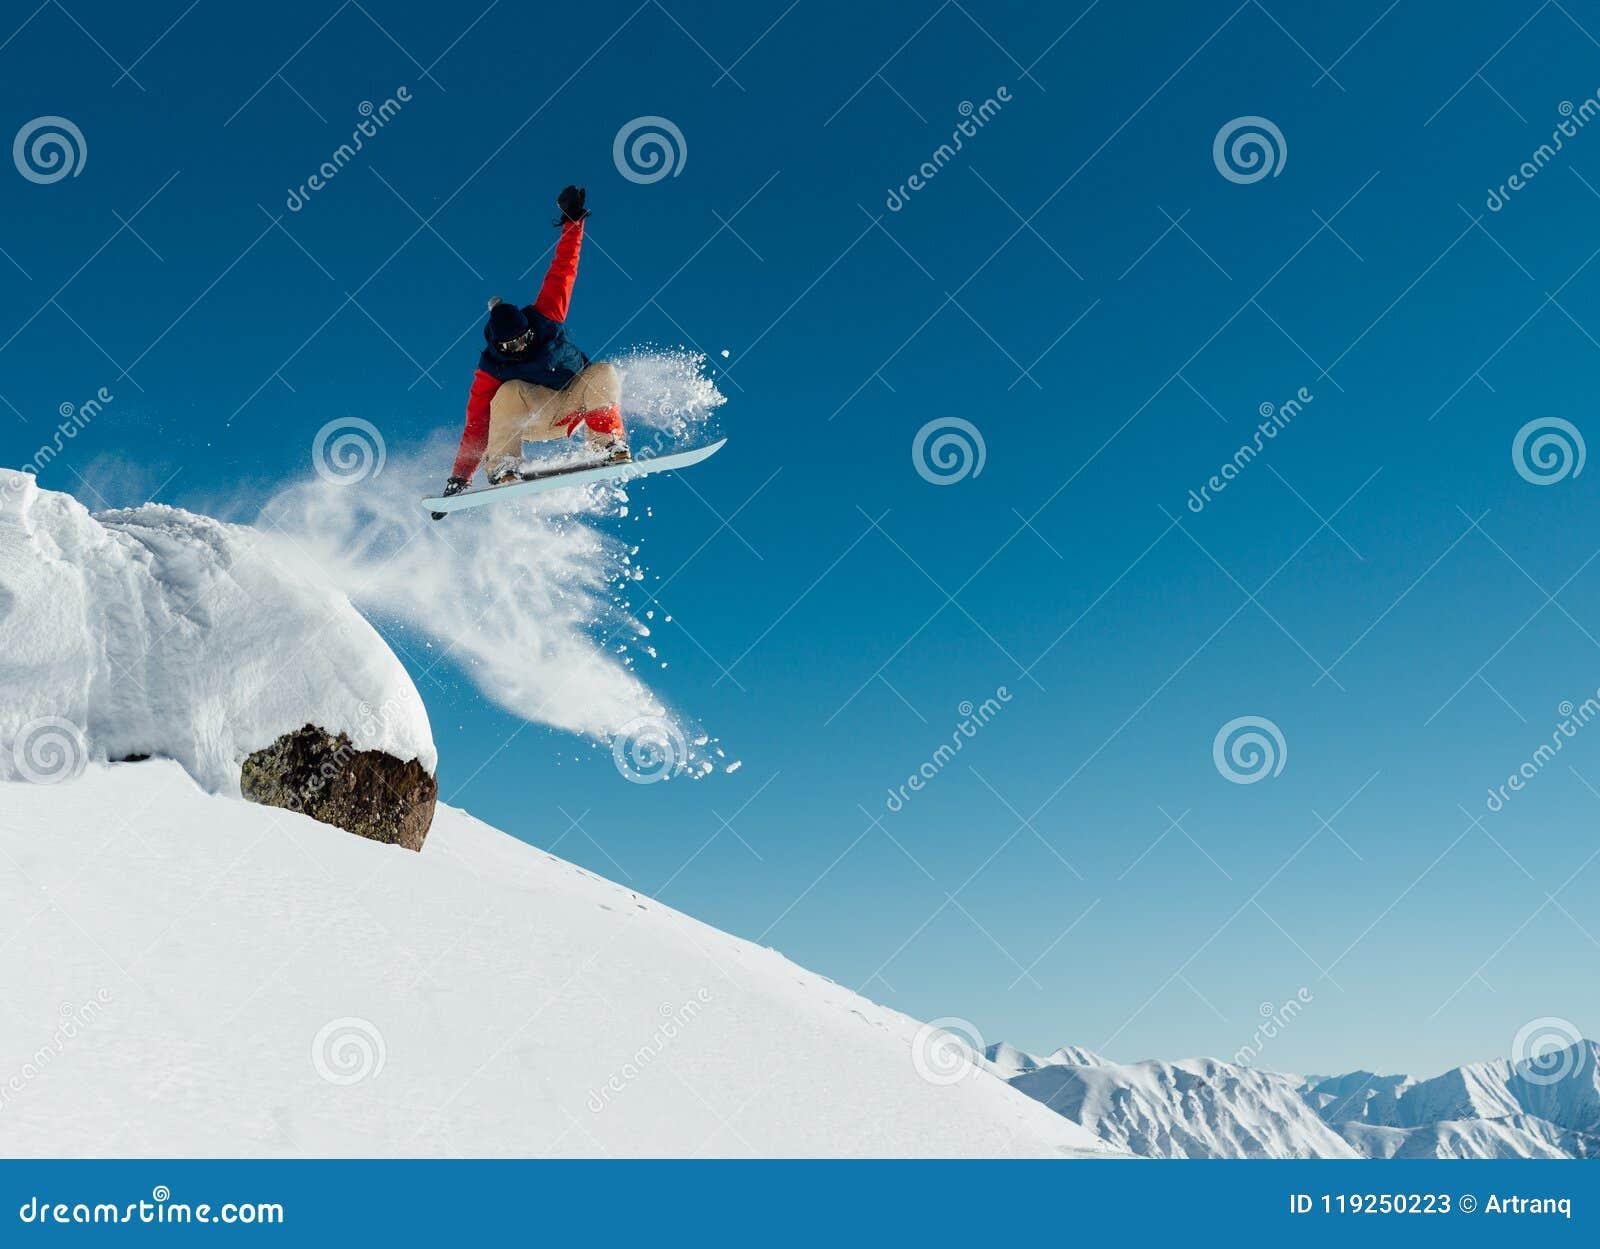 成套装备的挡雪板投下石头ont的壁架